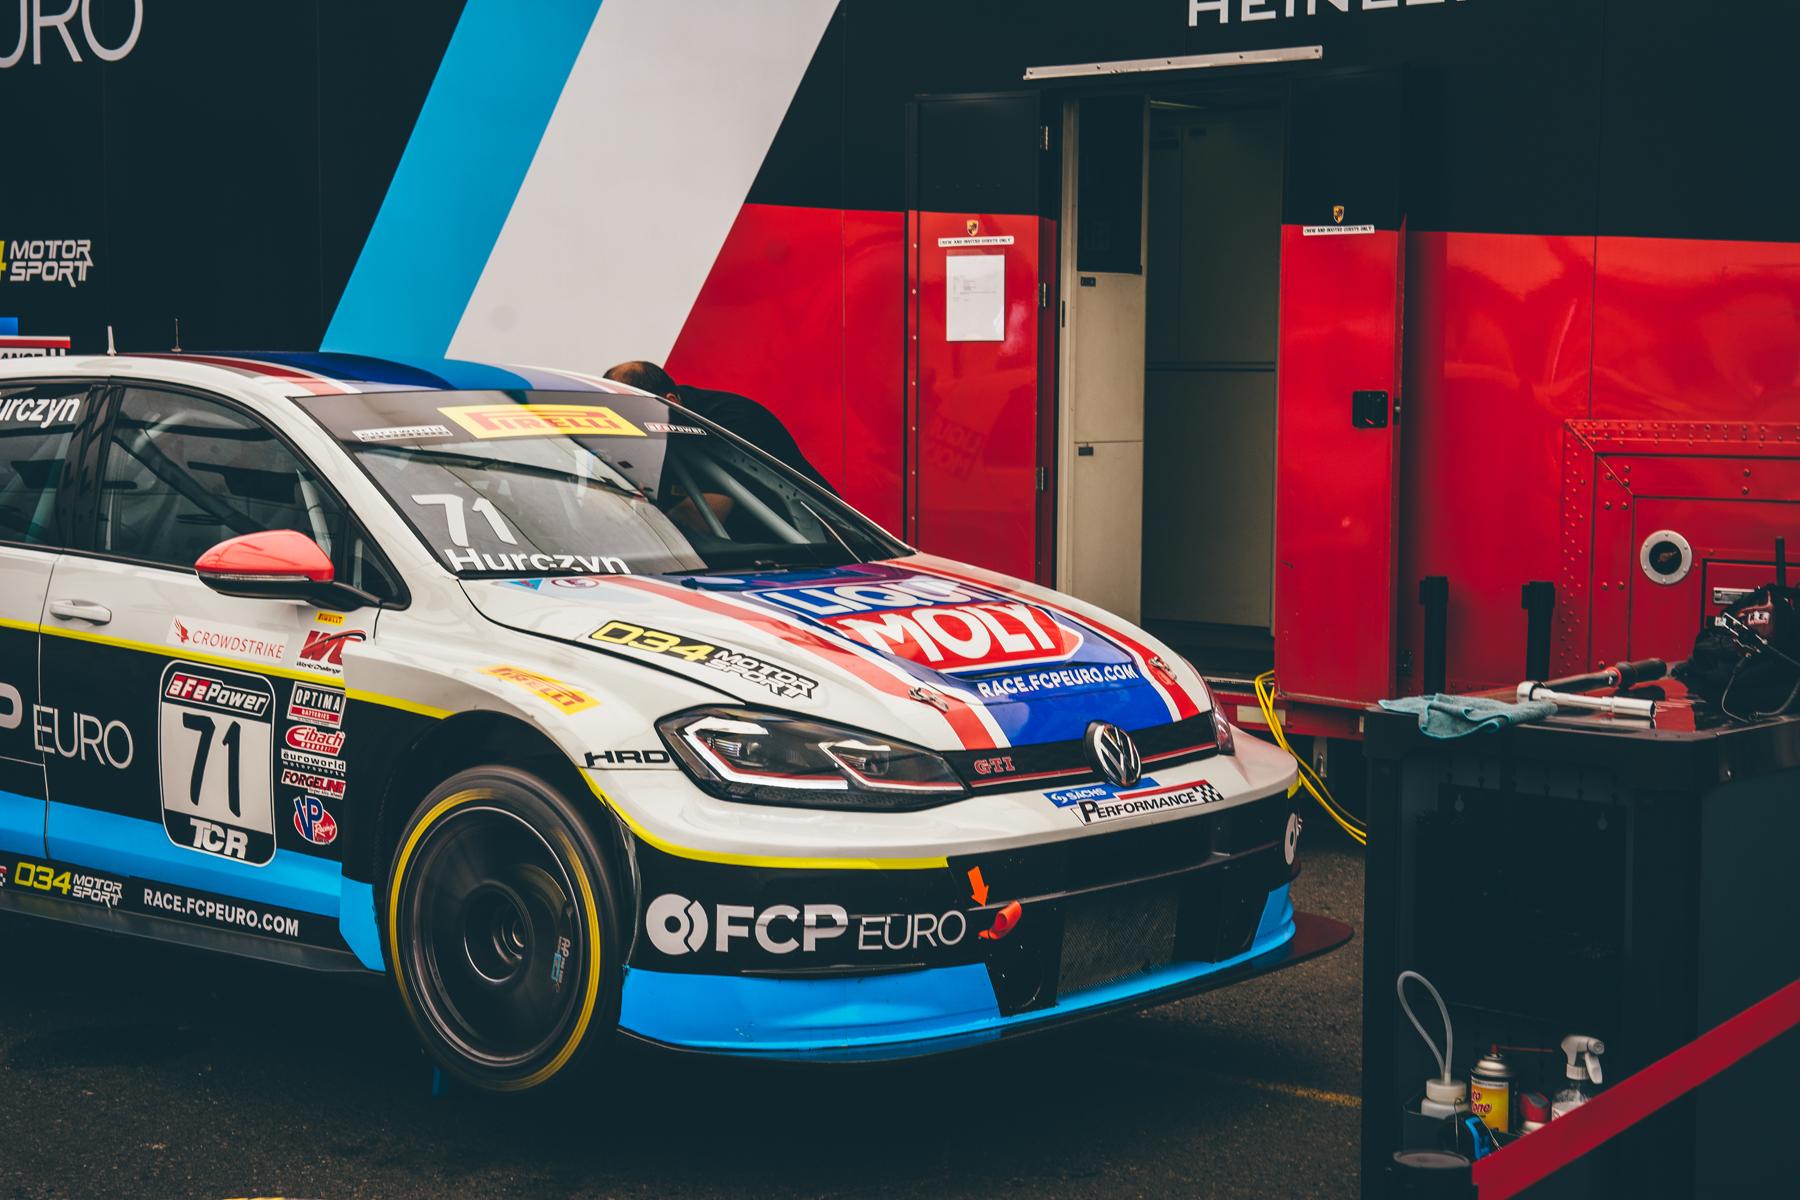 pirelli-world-challenge-pir-fcp-euro-mk7-volkswagen-gti-tcr-12.jpg